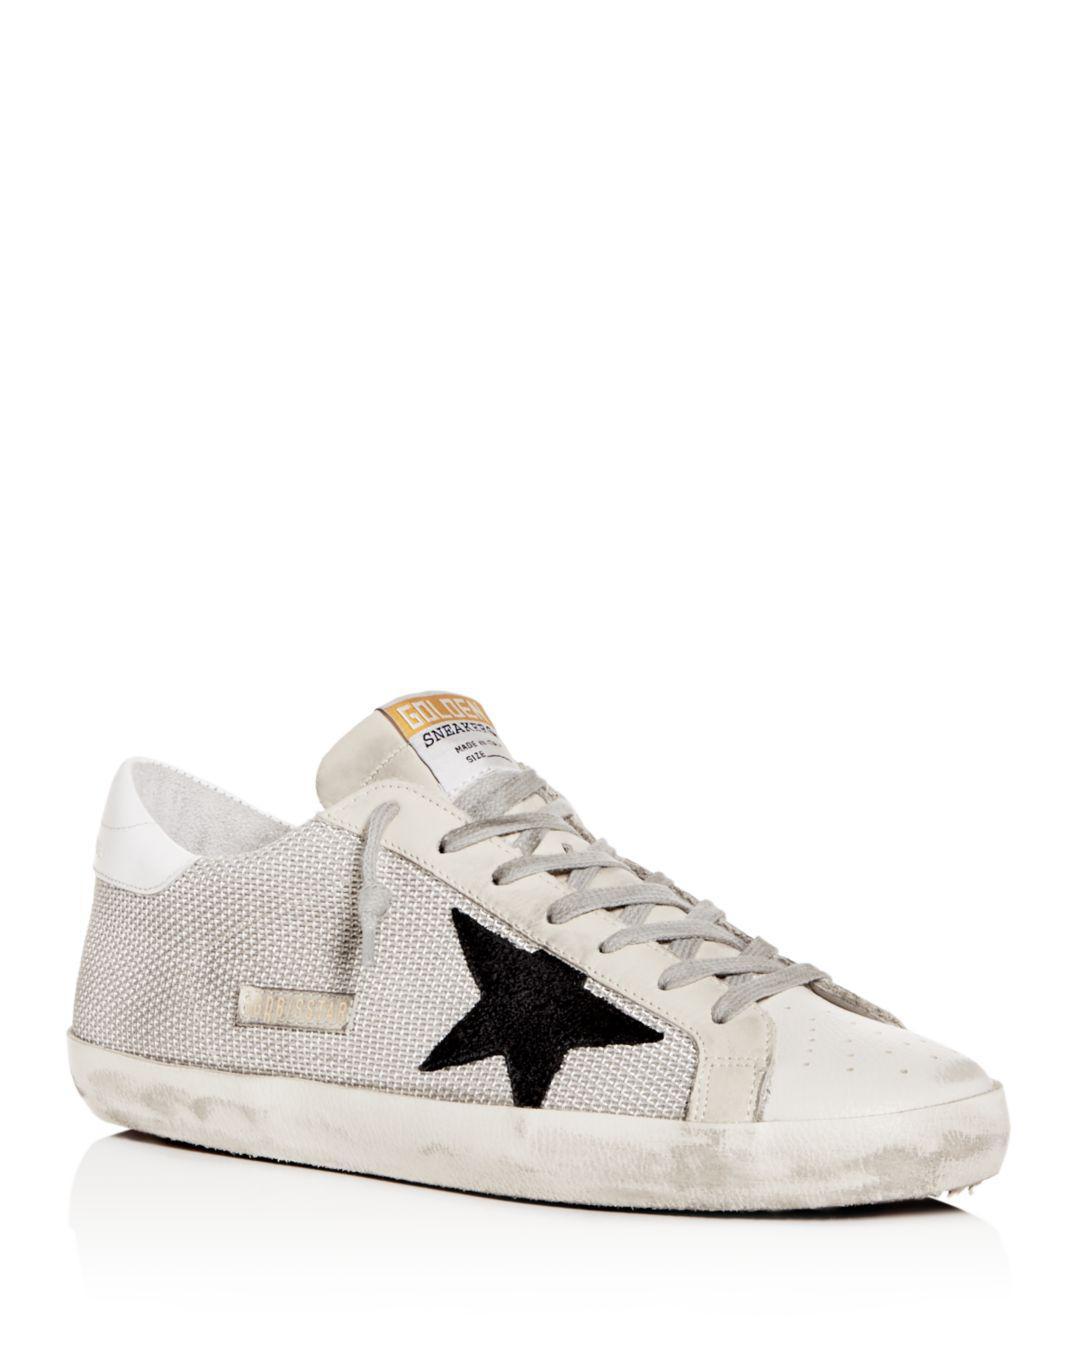 4515e514854b Lyst - Golden Goose Deluxe Brand Men s Superstar Low-top Sneakers in Gray  for Men